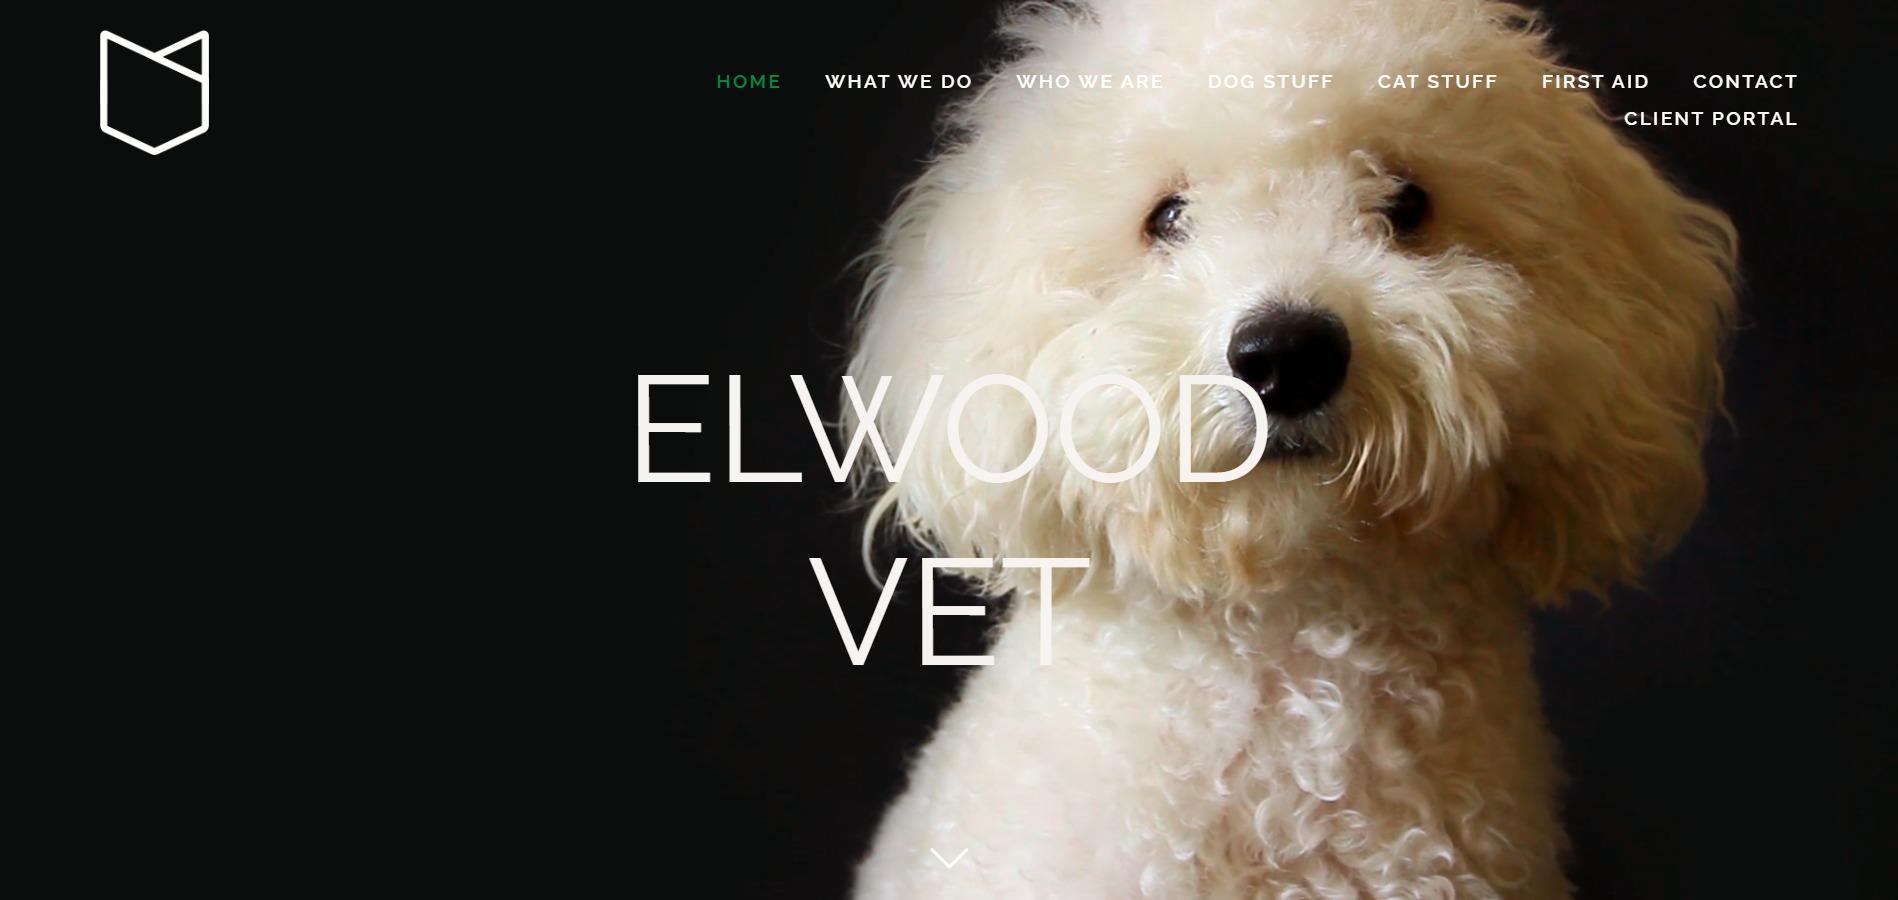 Elwood Vet